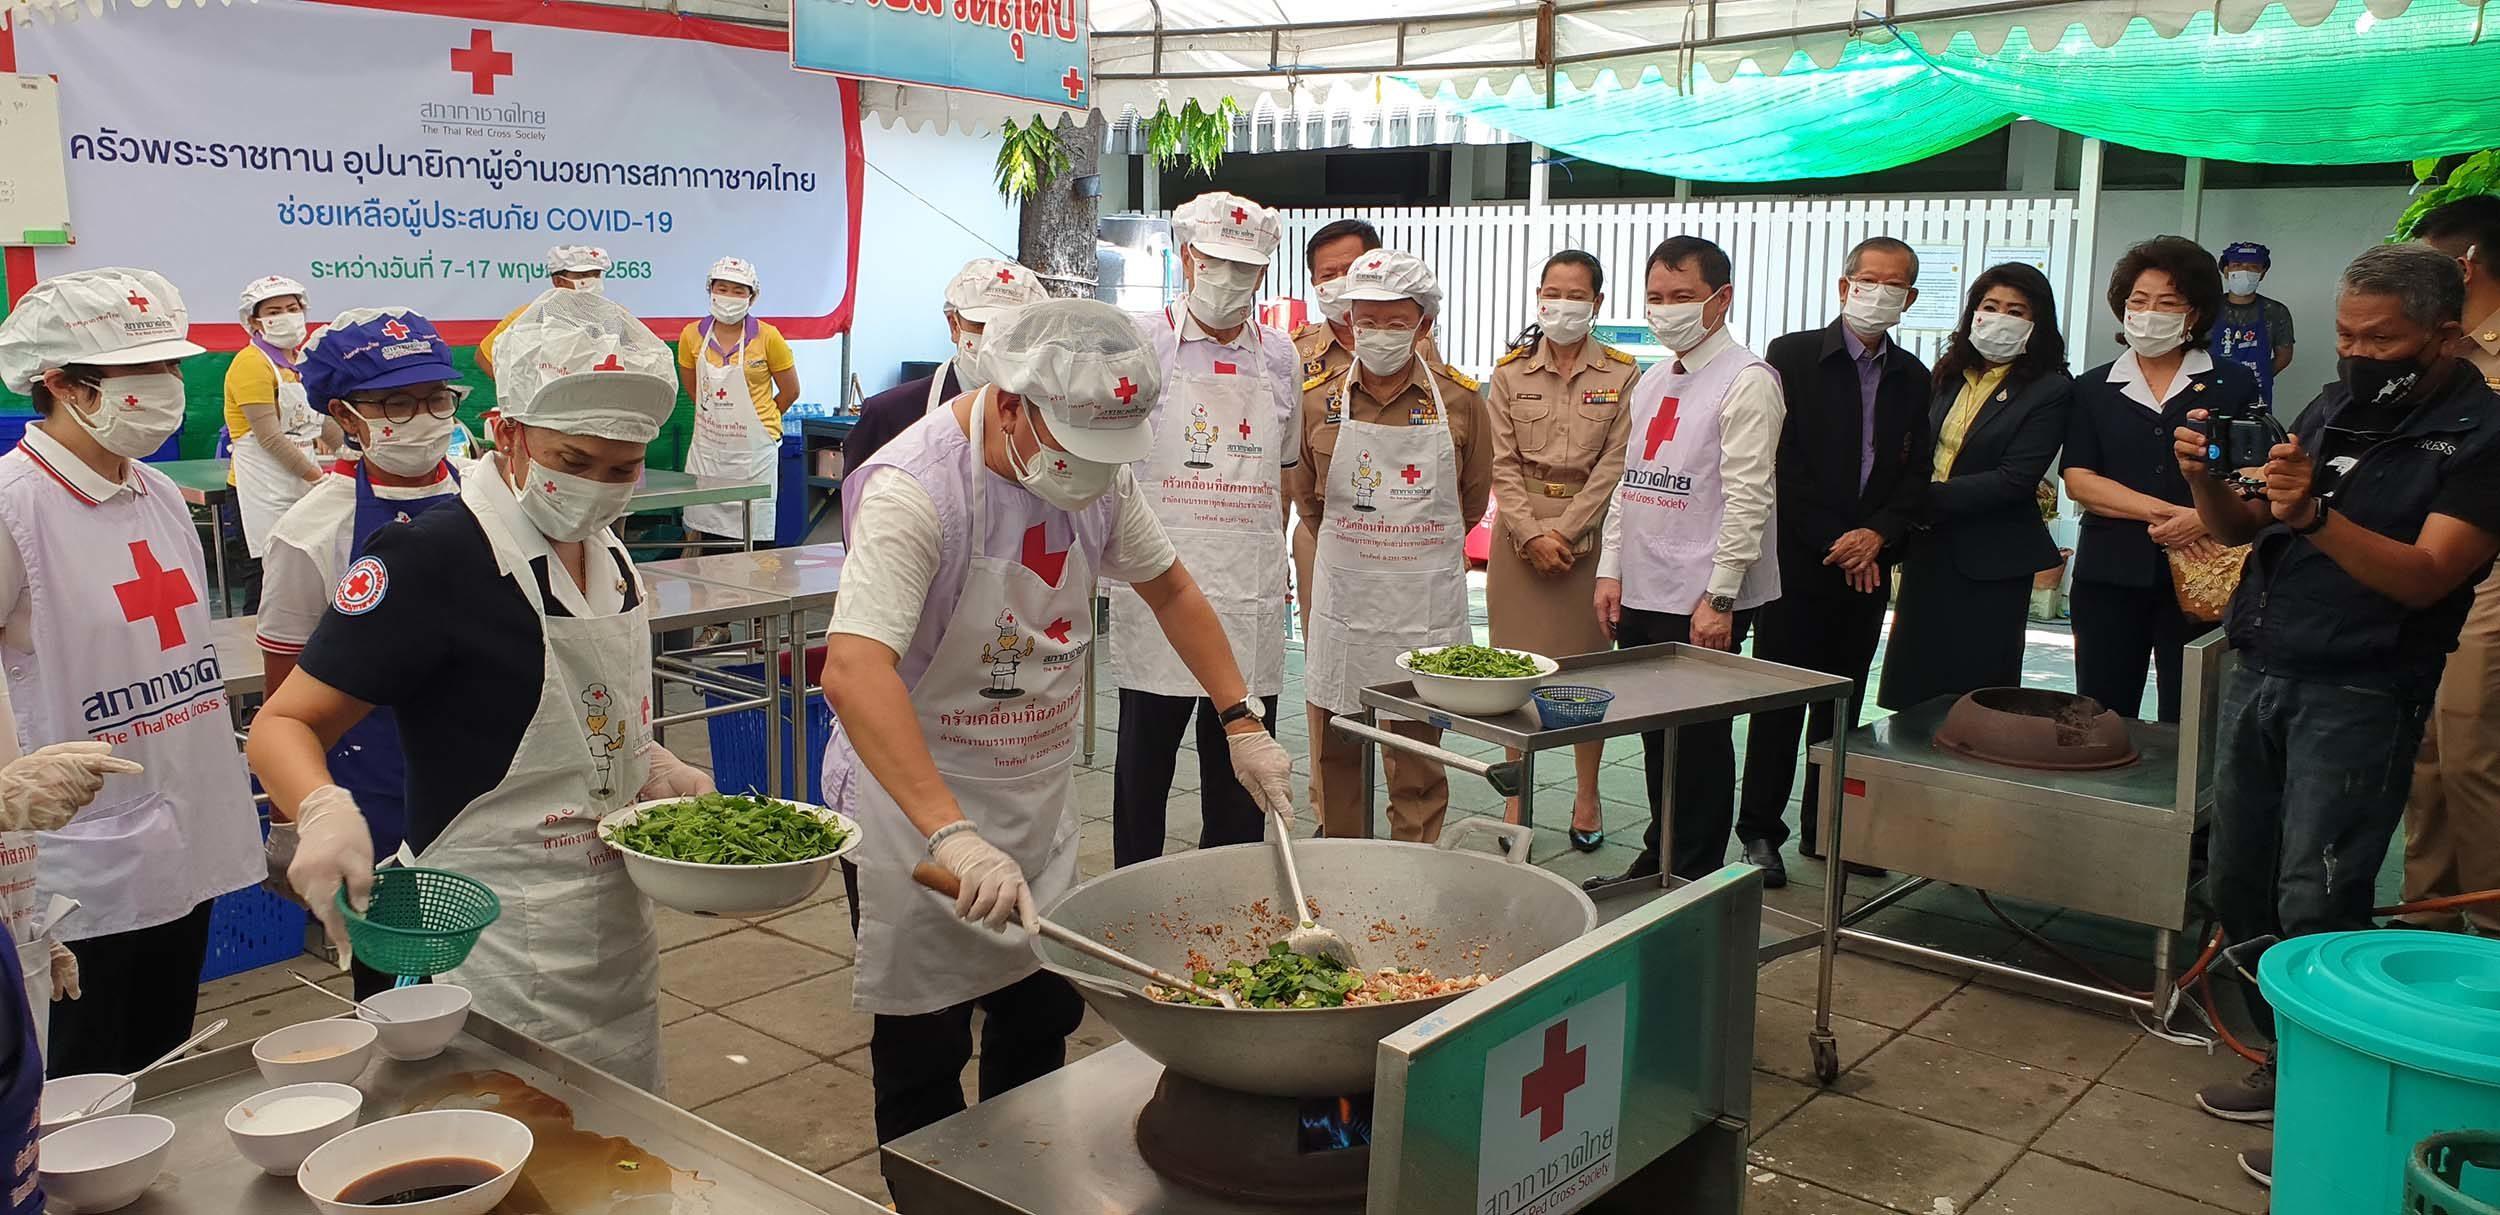 สมุทรสาครเปิดครัวพระราชทาน อุปนายิกาผู้อำนวยการสภากาชาดไทย 7-17 พ.ค.